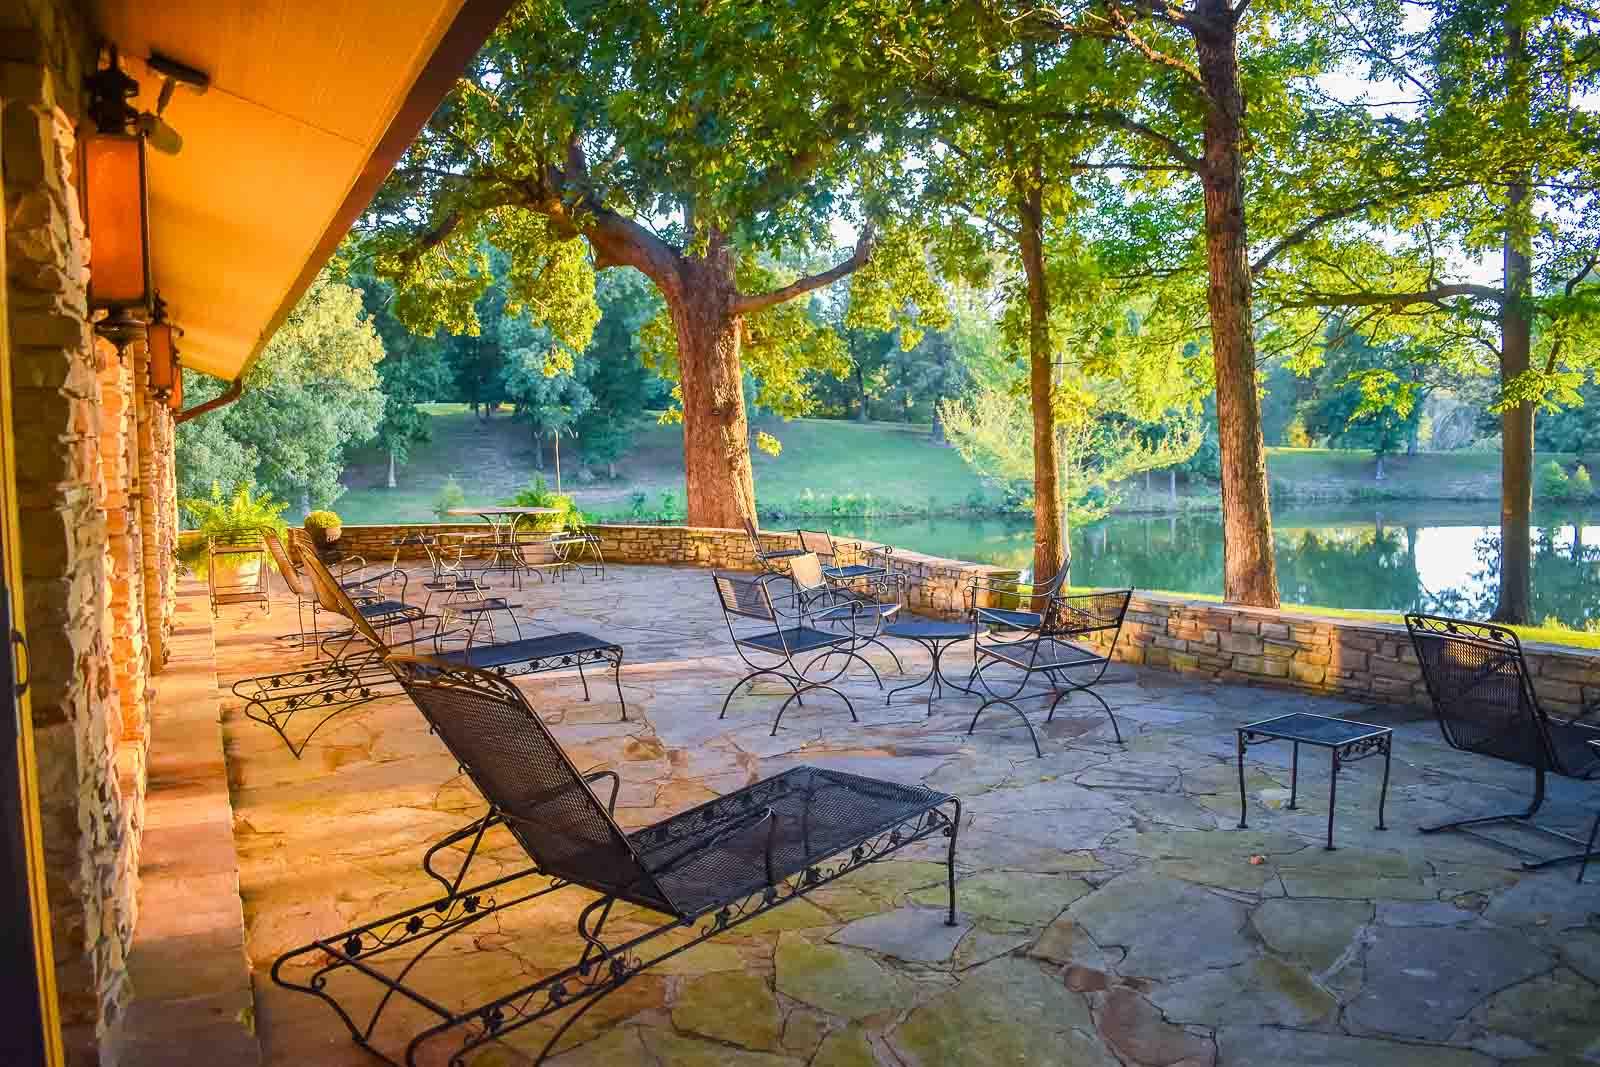 Mahr Historic Home - Mahr Park Arboretum